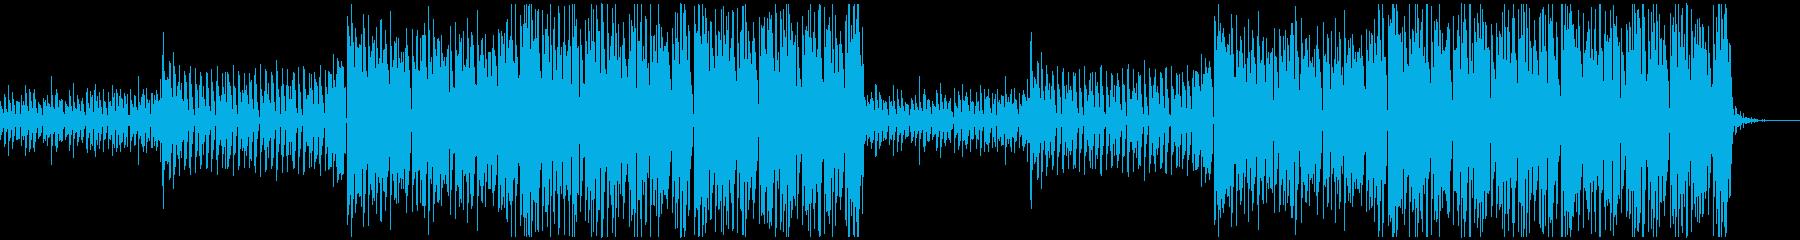 ポップで軽快なハウスミュージックの再生済みの波形